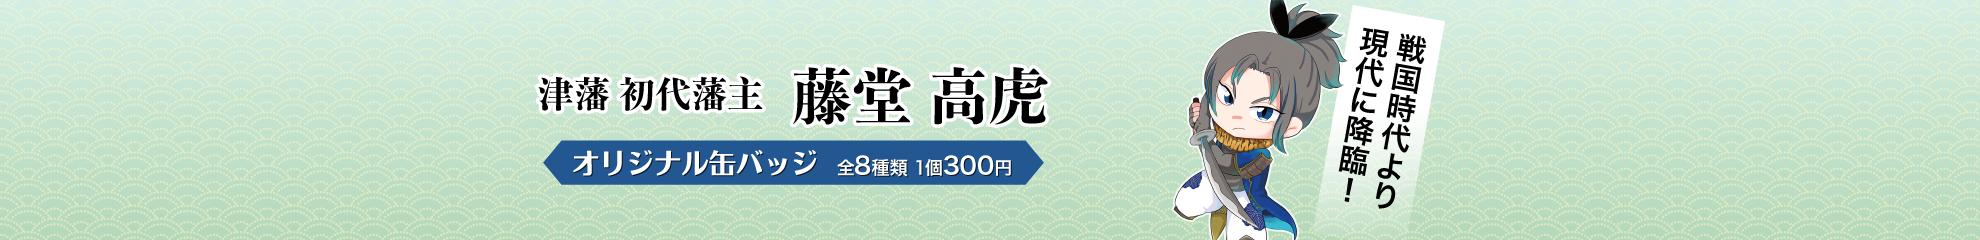 藤堂高虎オリジナル缶バッジ